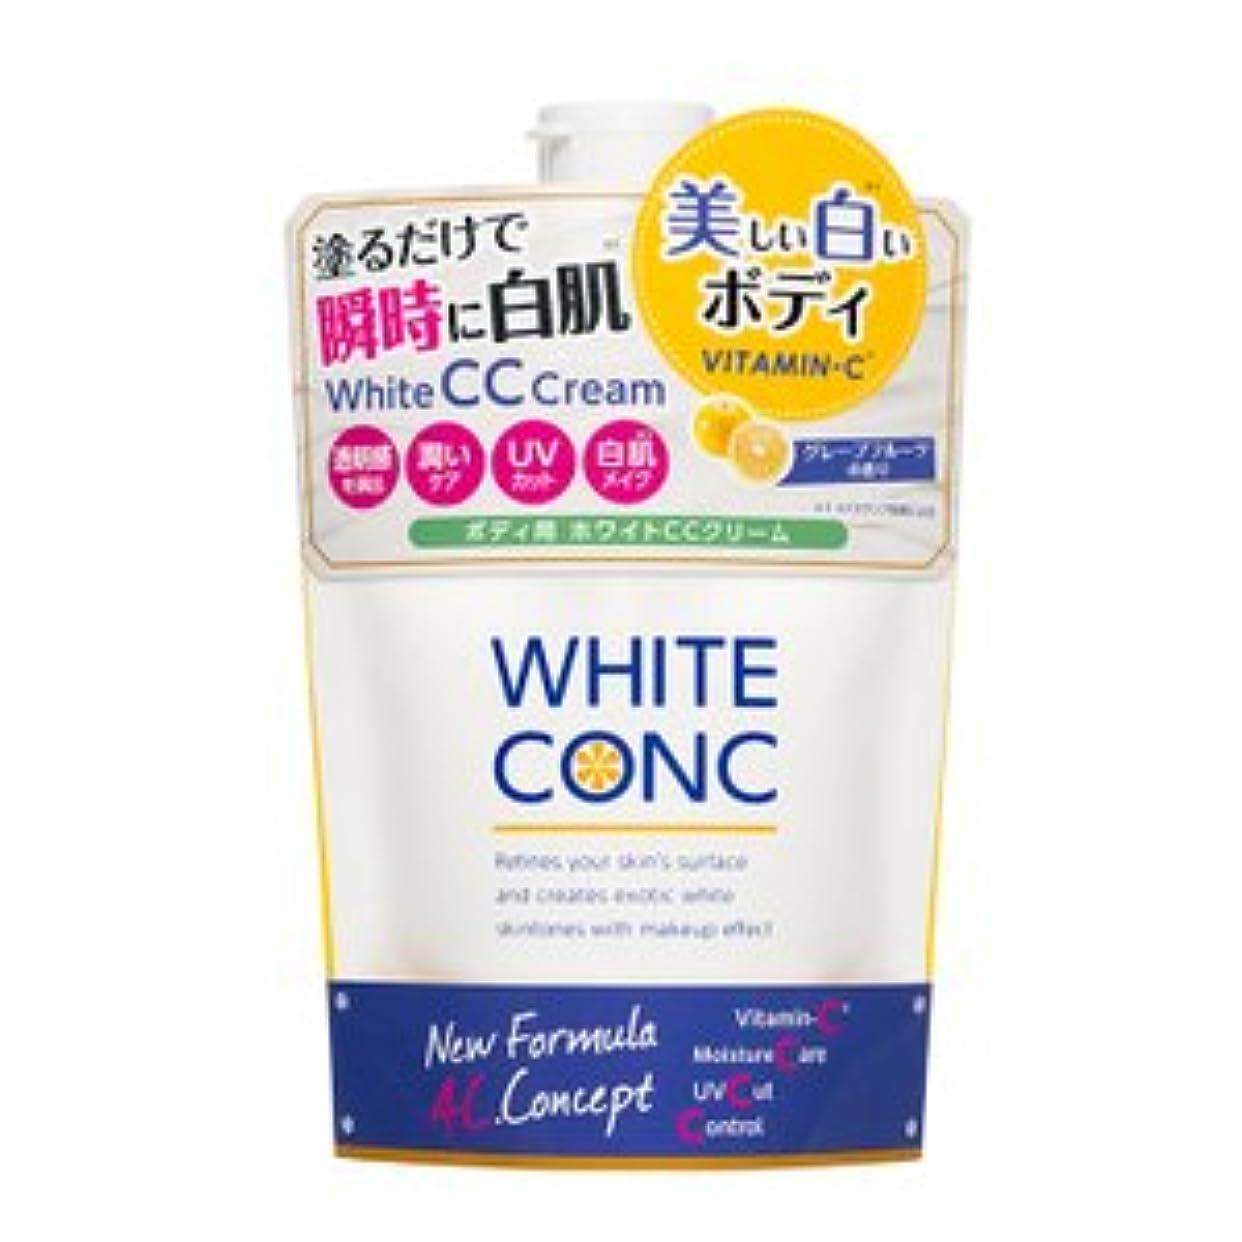 建築試み販売員薬用ホワイトコンクホワイトCCクリーム 200g